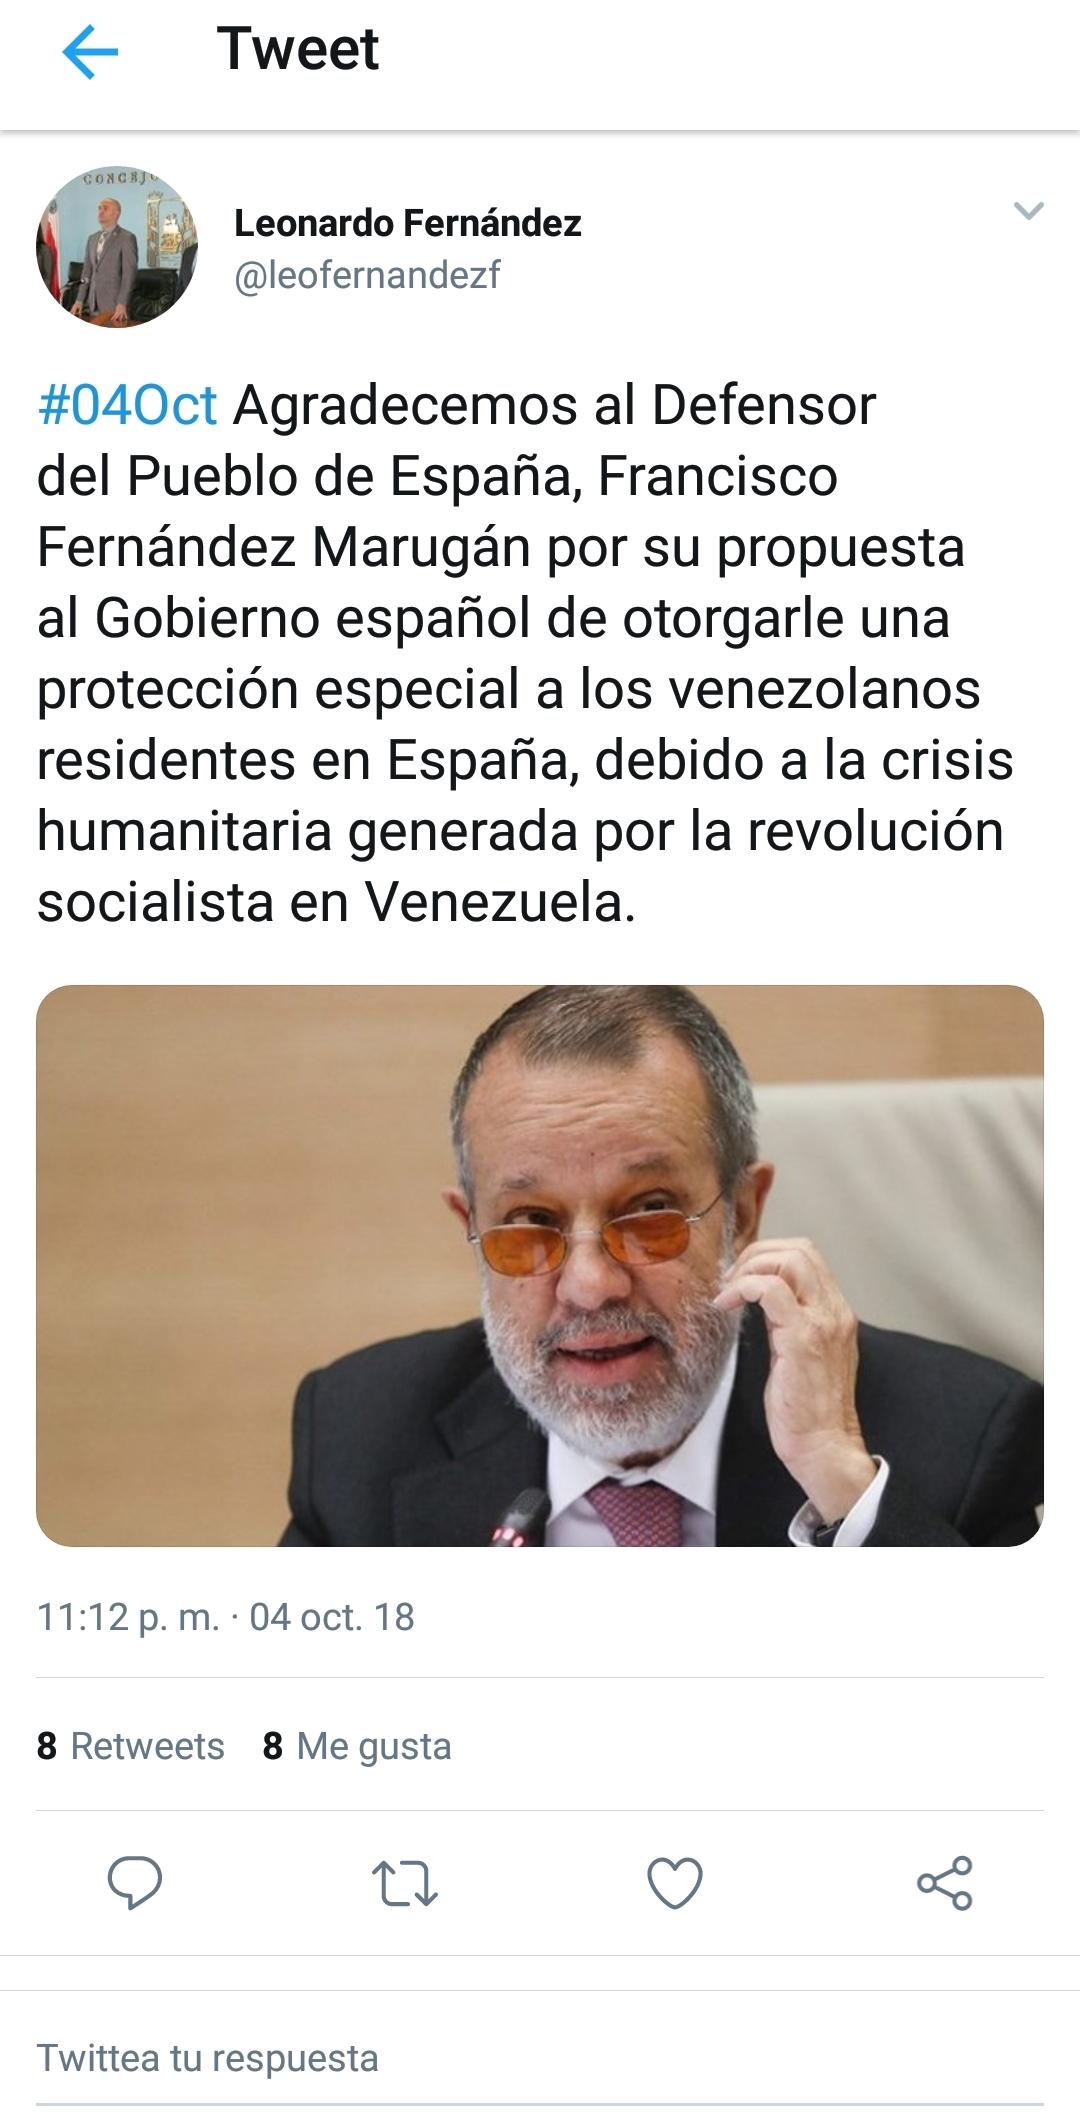 El Tweet del Concejal de Maracaibo, Leonardo Fernández, agradeciéndole al Defensor del Pueblo por su propuesta de otorgar la Protección Temporal a los venezolanos ante el Gobierno Español.